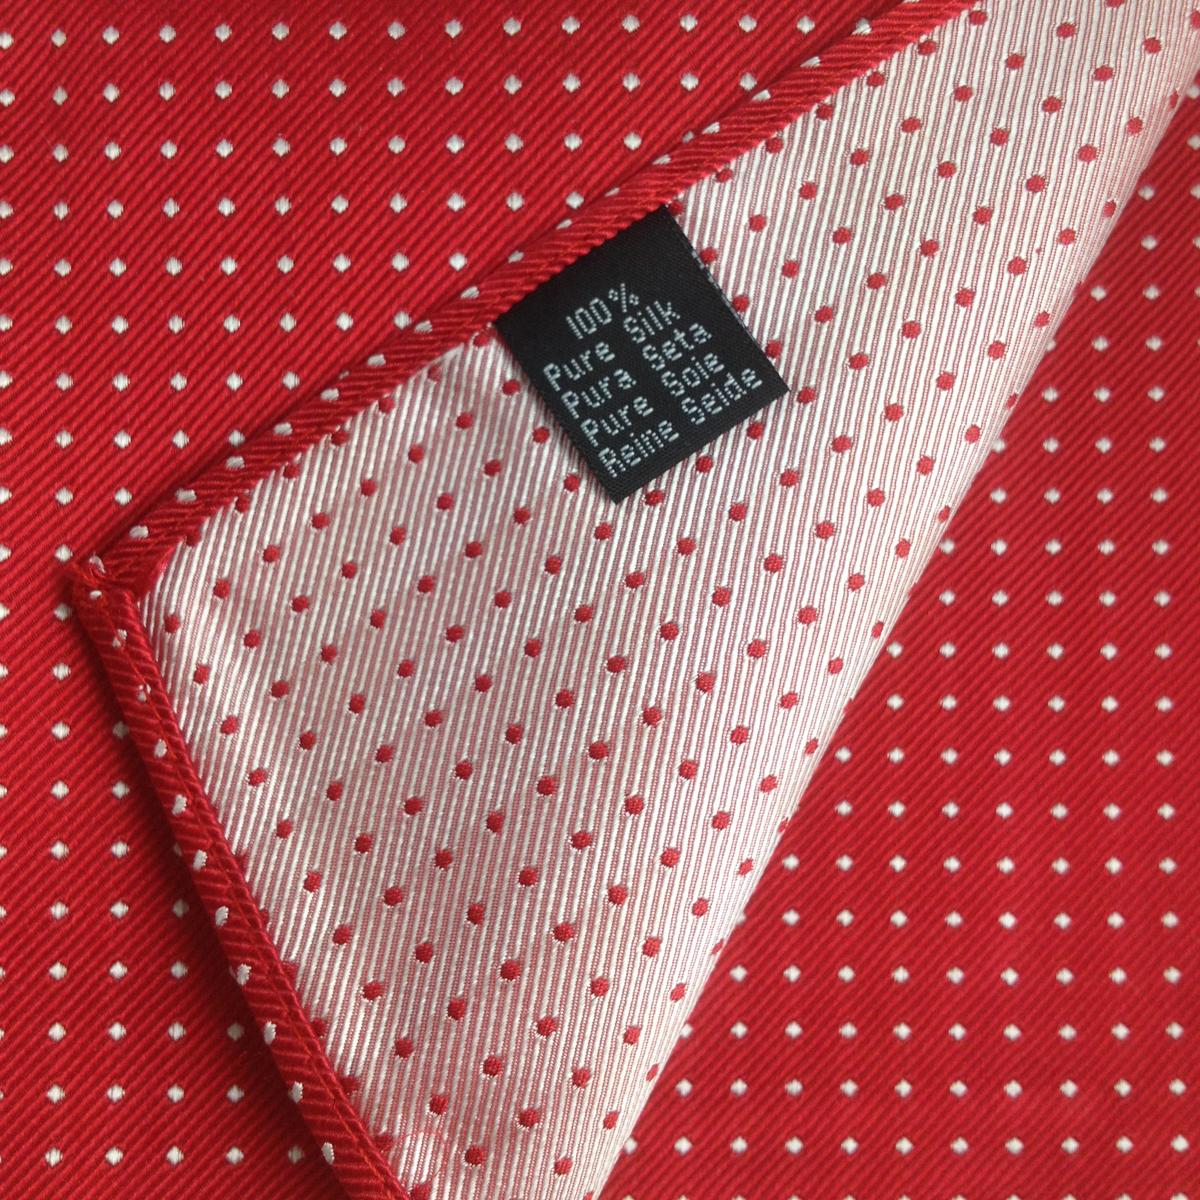 N657 spots PS red - - Con Murphys Menswear